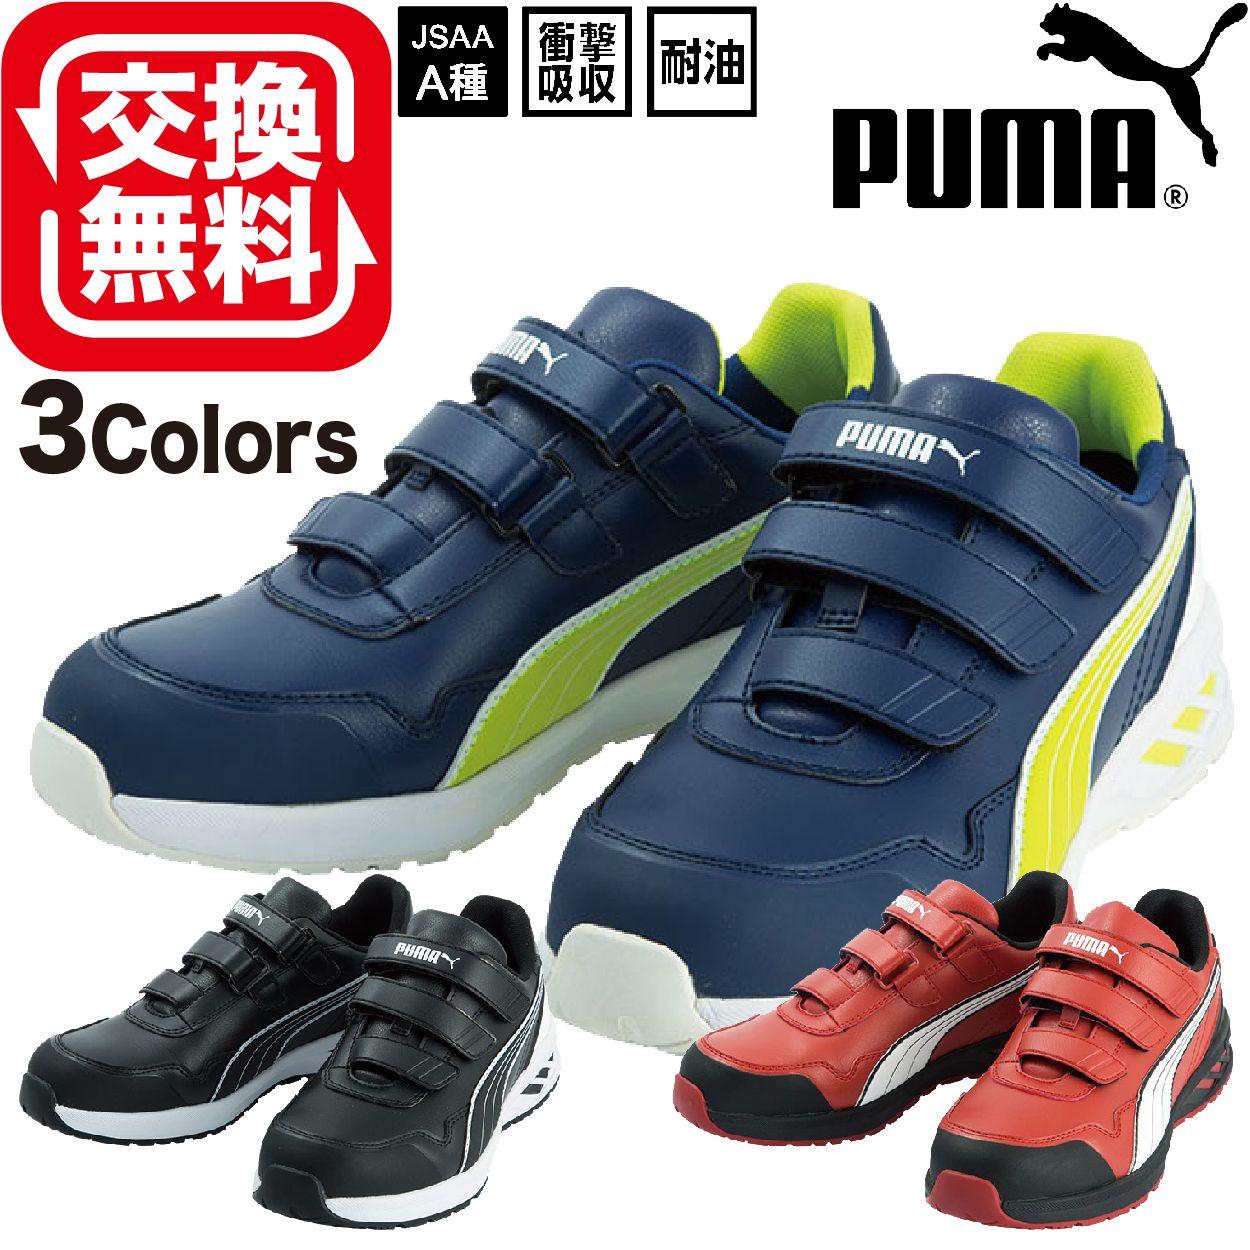 あす楽 交換無料 プーマ 安全靴 現金特価 新作 PUMA ライダー 25.0~28.0cm ロー 3カラー 新商品 開店祝い 2.0 マジックテープ